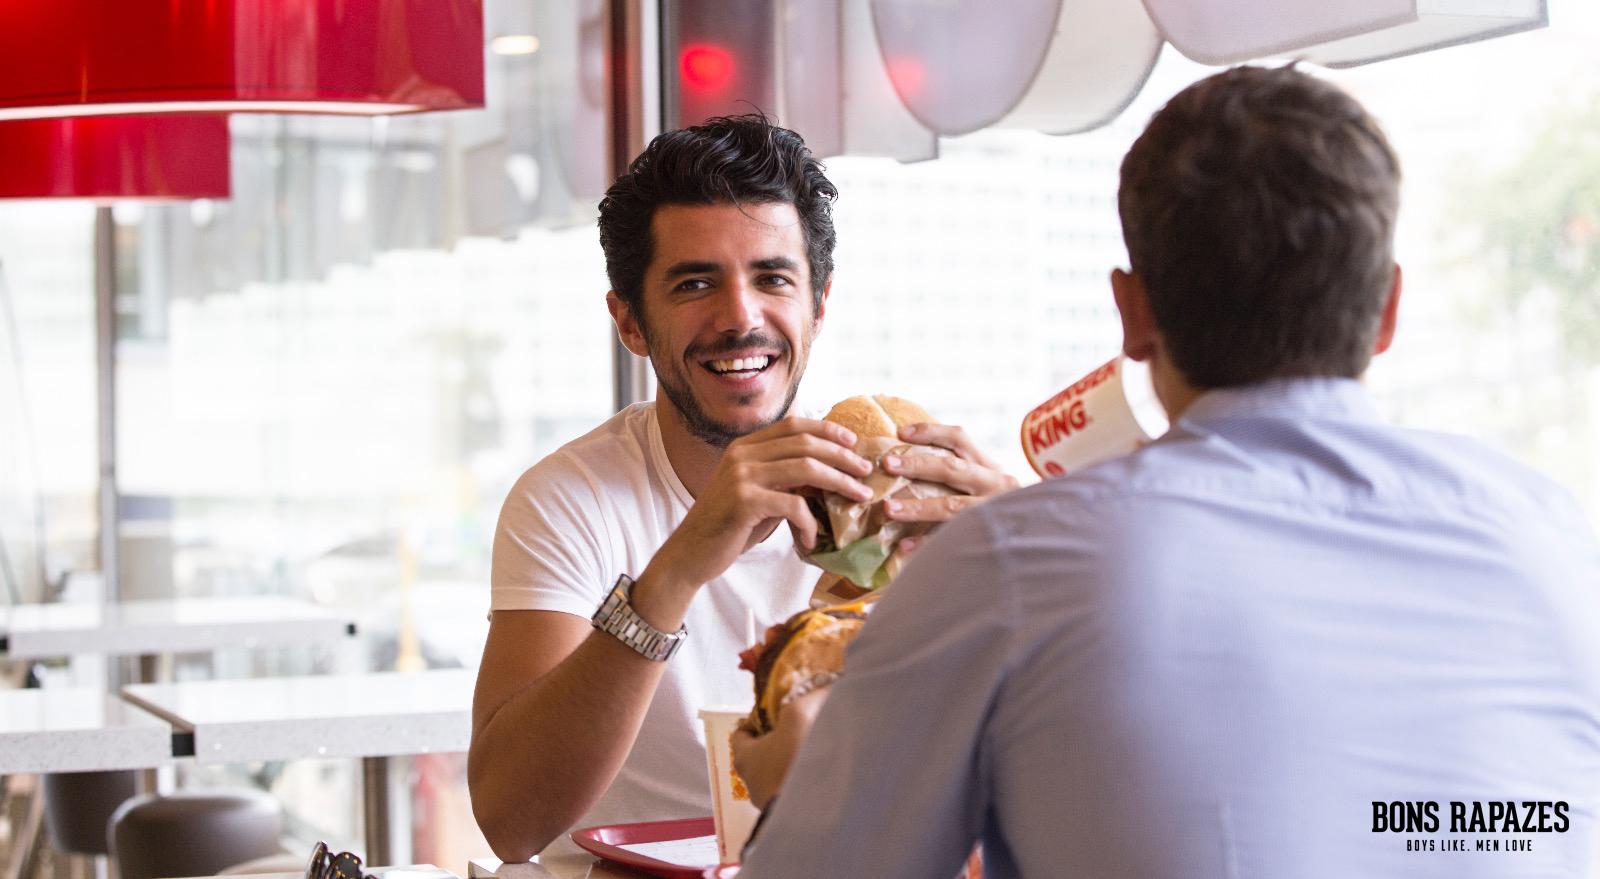 bons-rapazes-no-burger-king-5